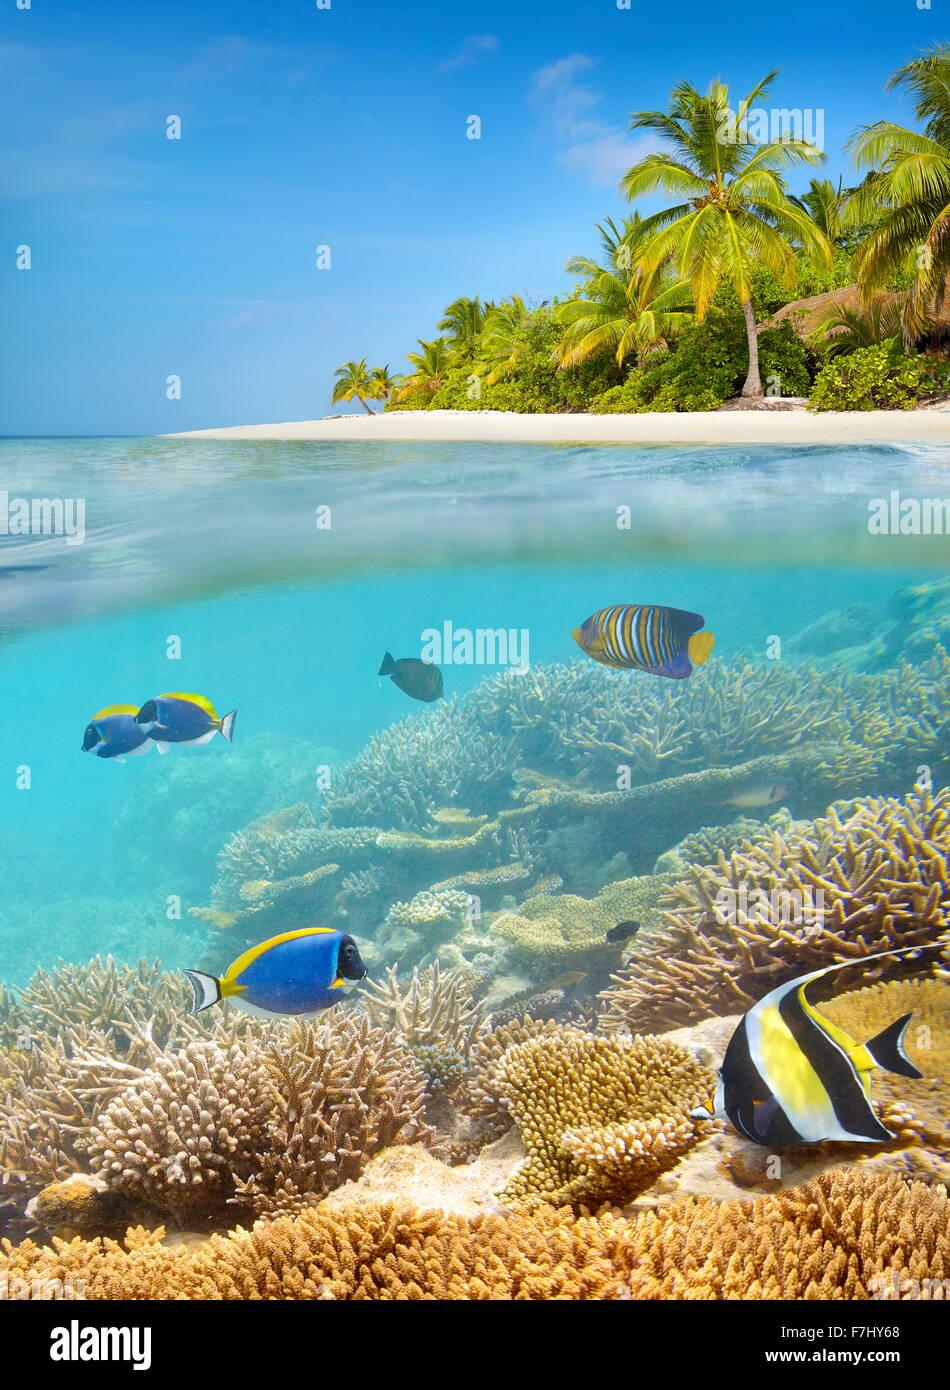 Playa Tropical en las Maldivas Imagen De Stock